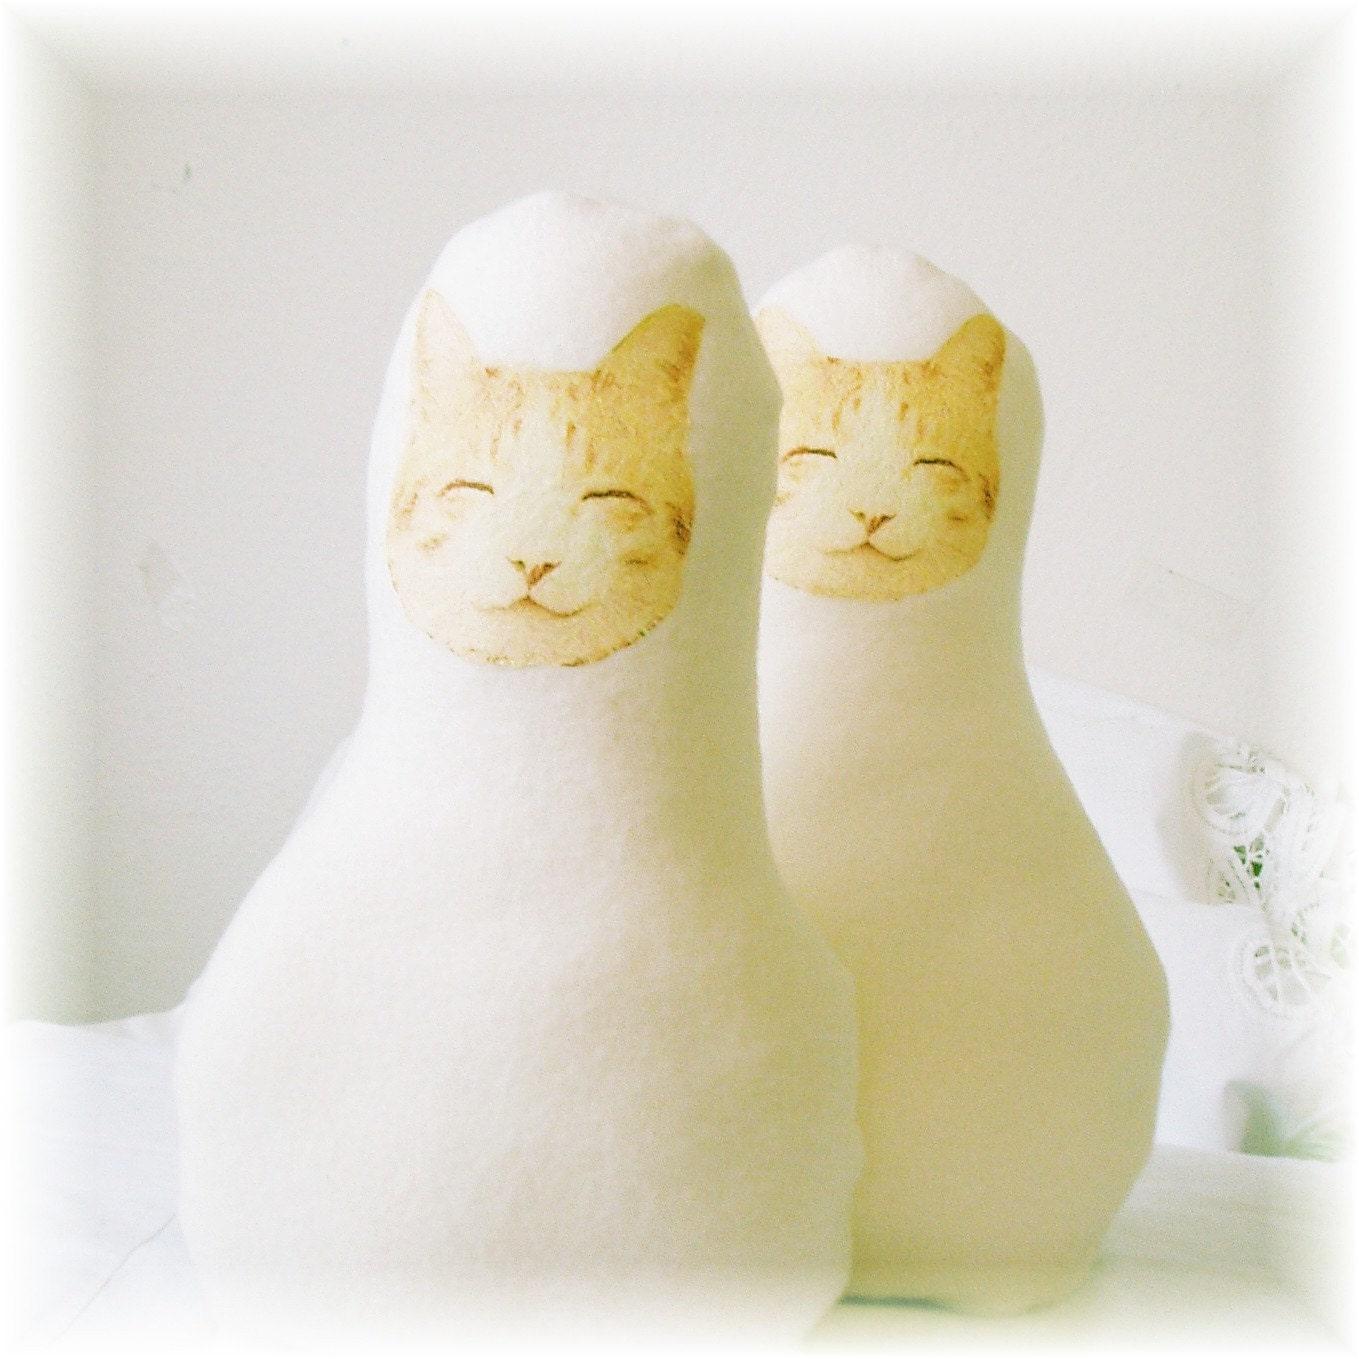 CLEARANCE Babys First Kitty Cat Super Soft Shaped Doll - LittleLaLaOriginals